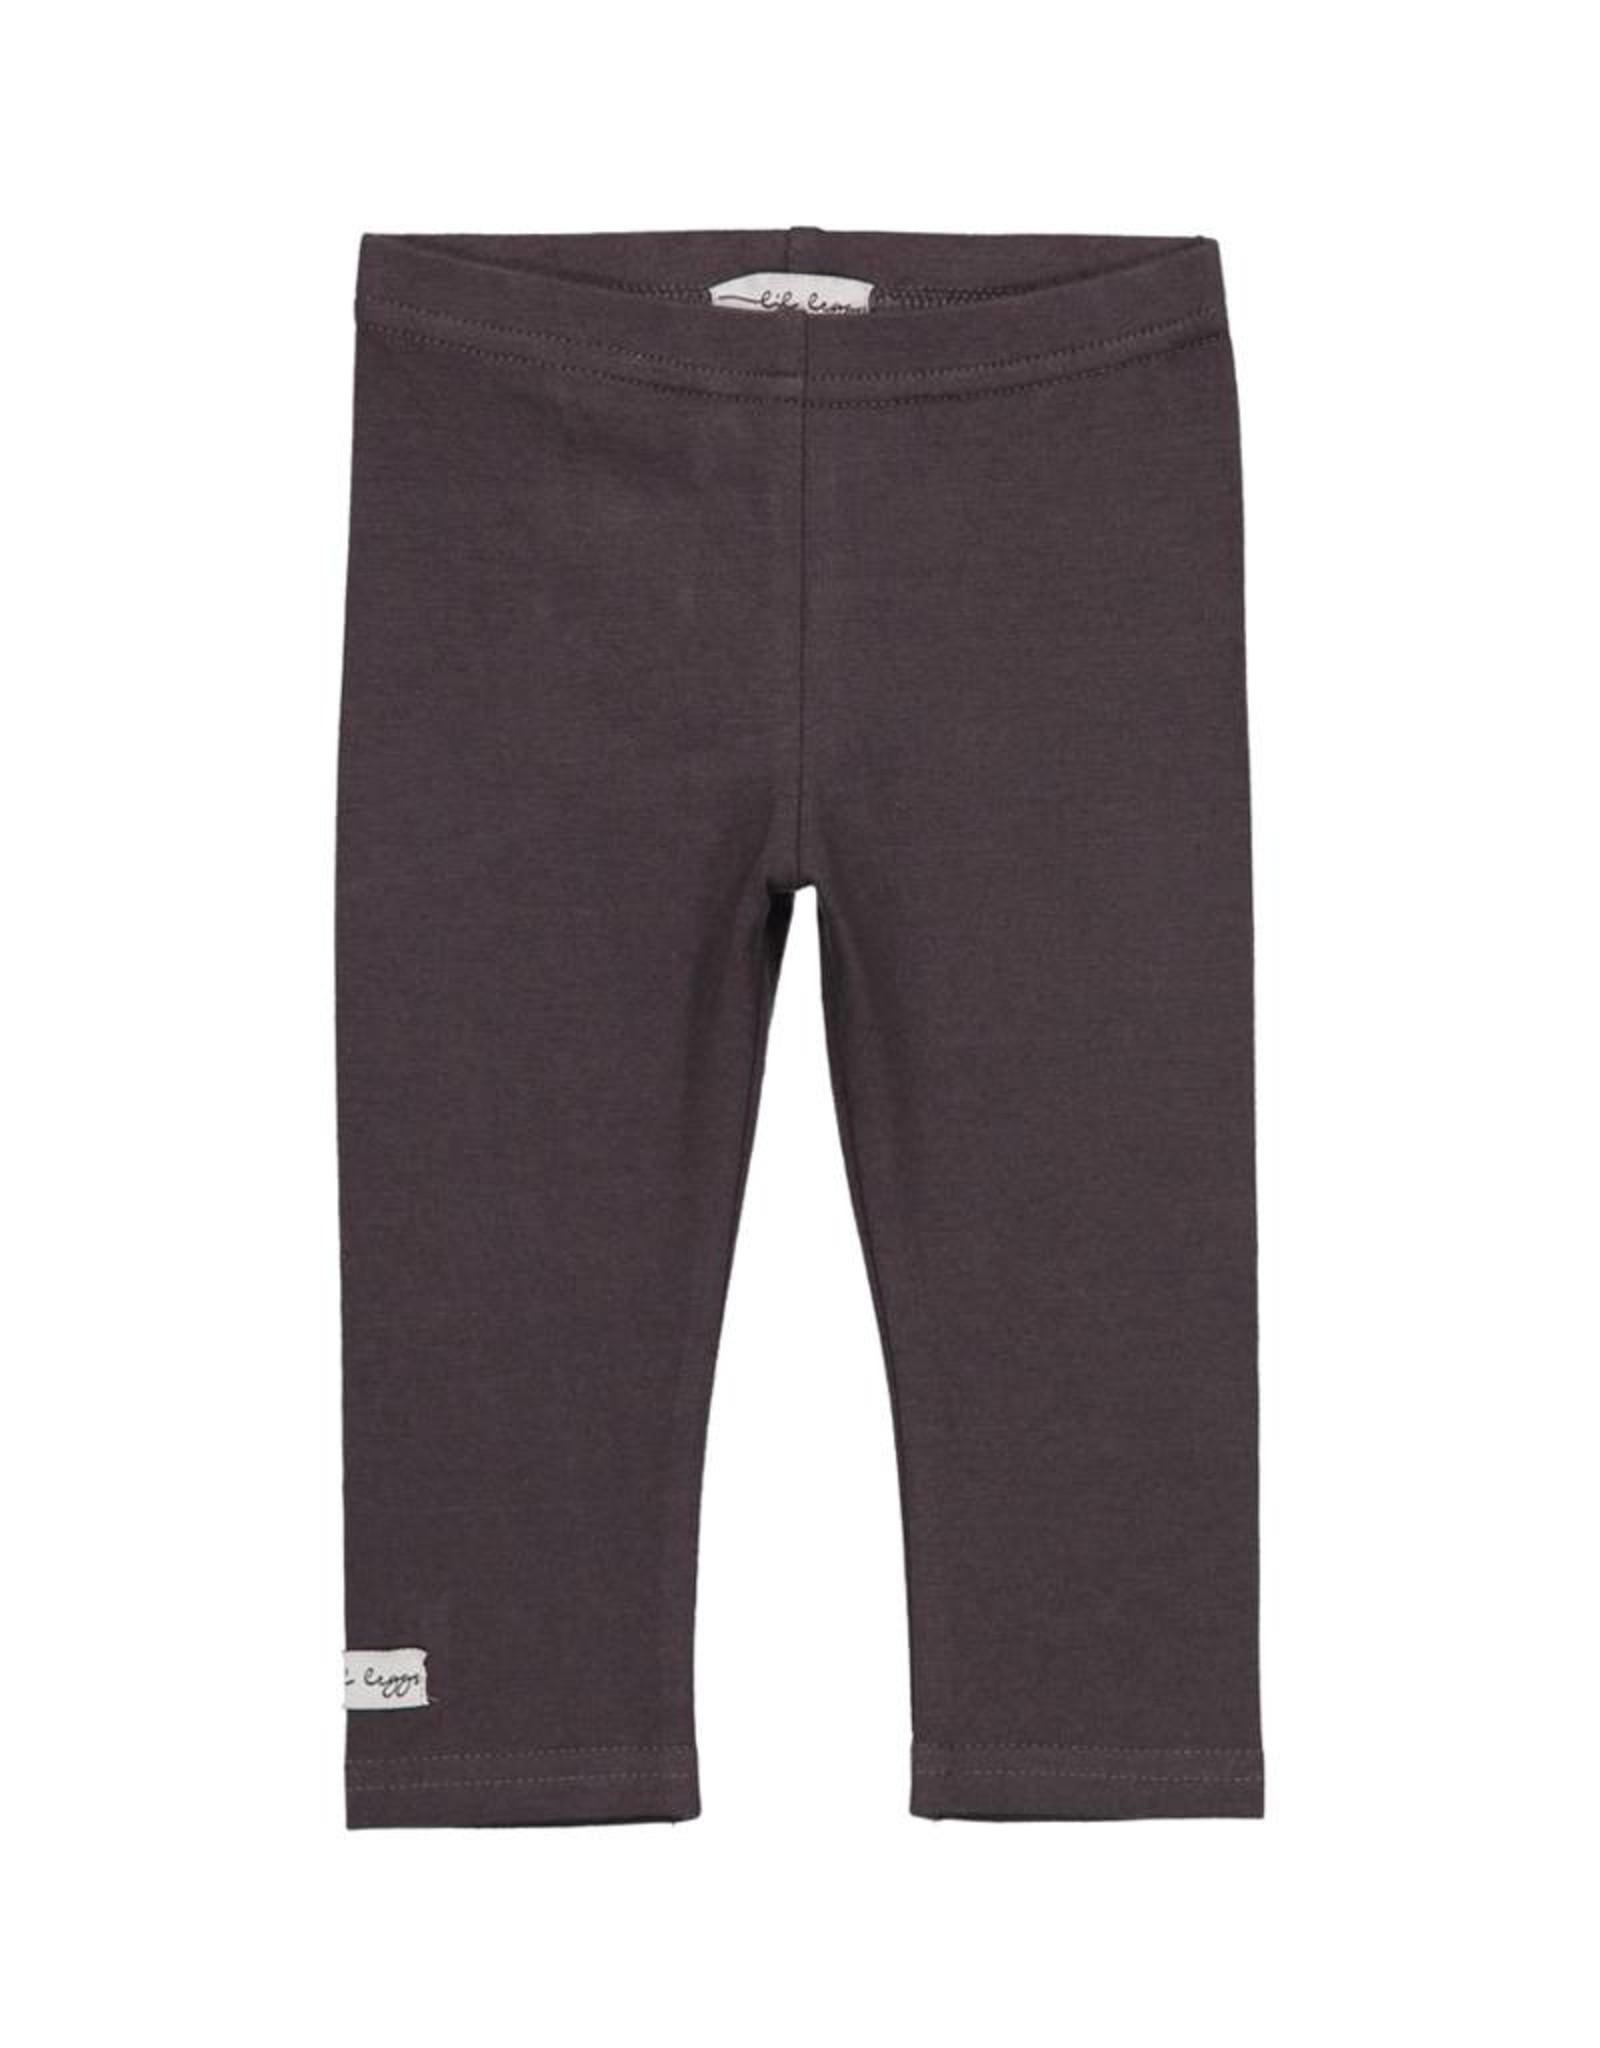 LIL LEGS FW Cotton Leggings Basic Colors